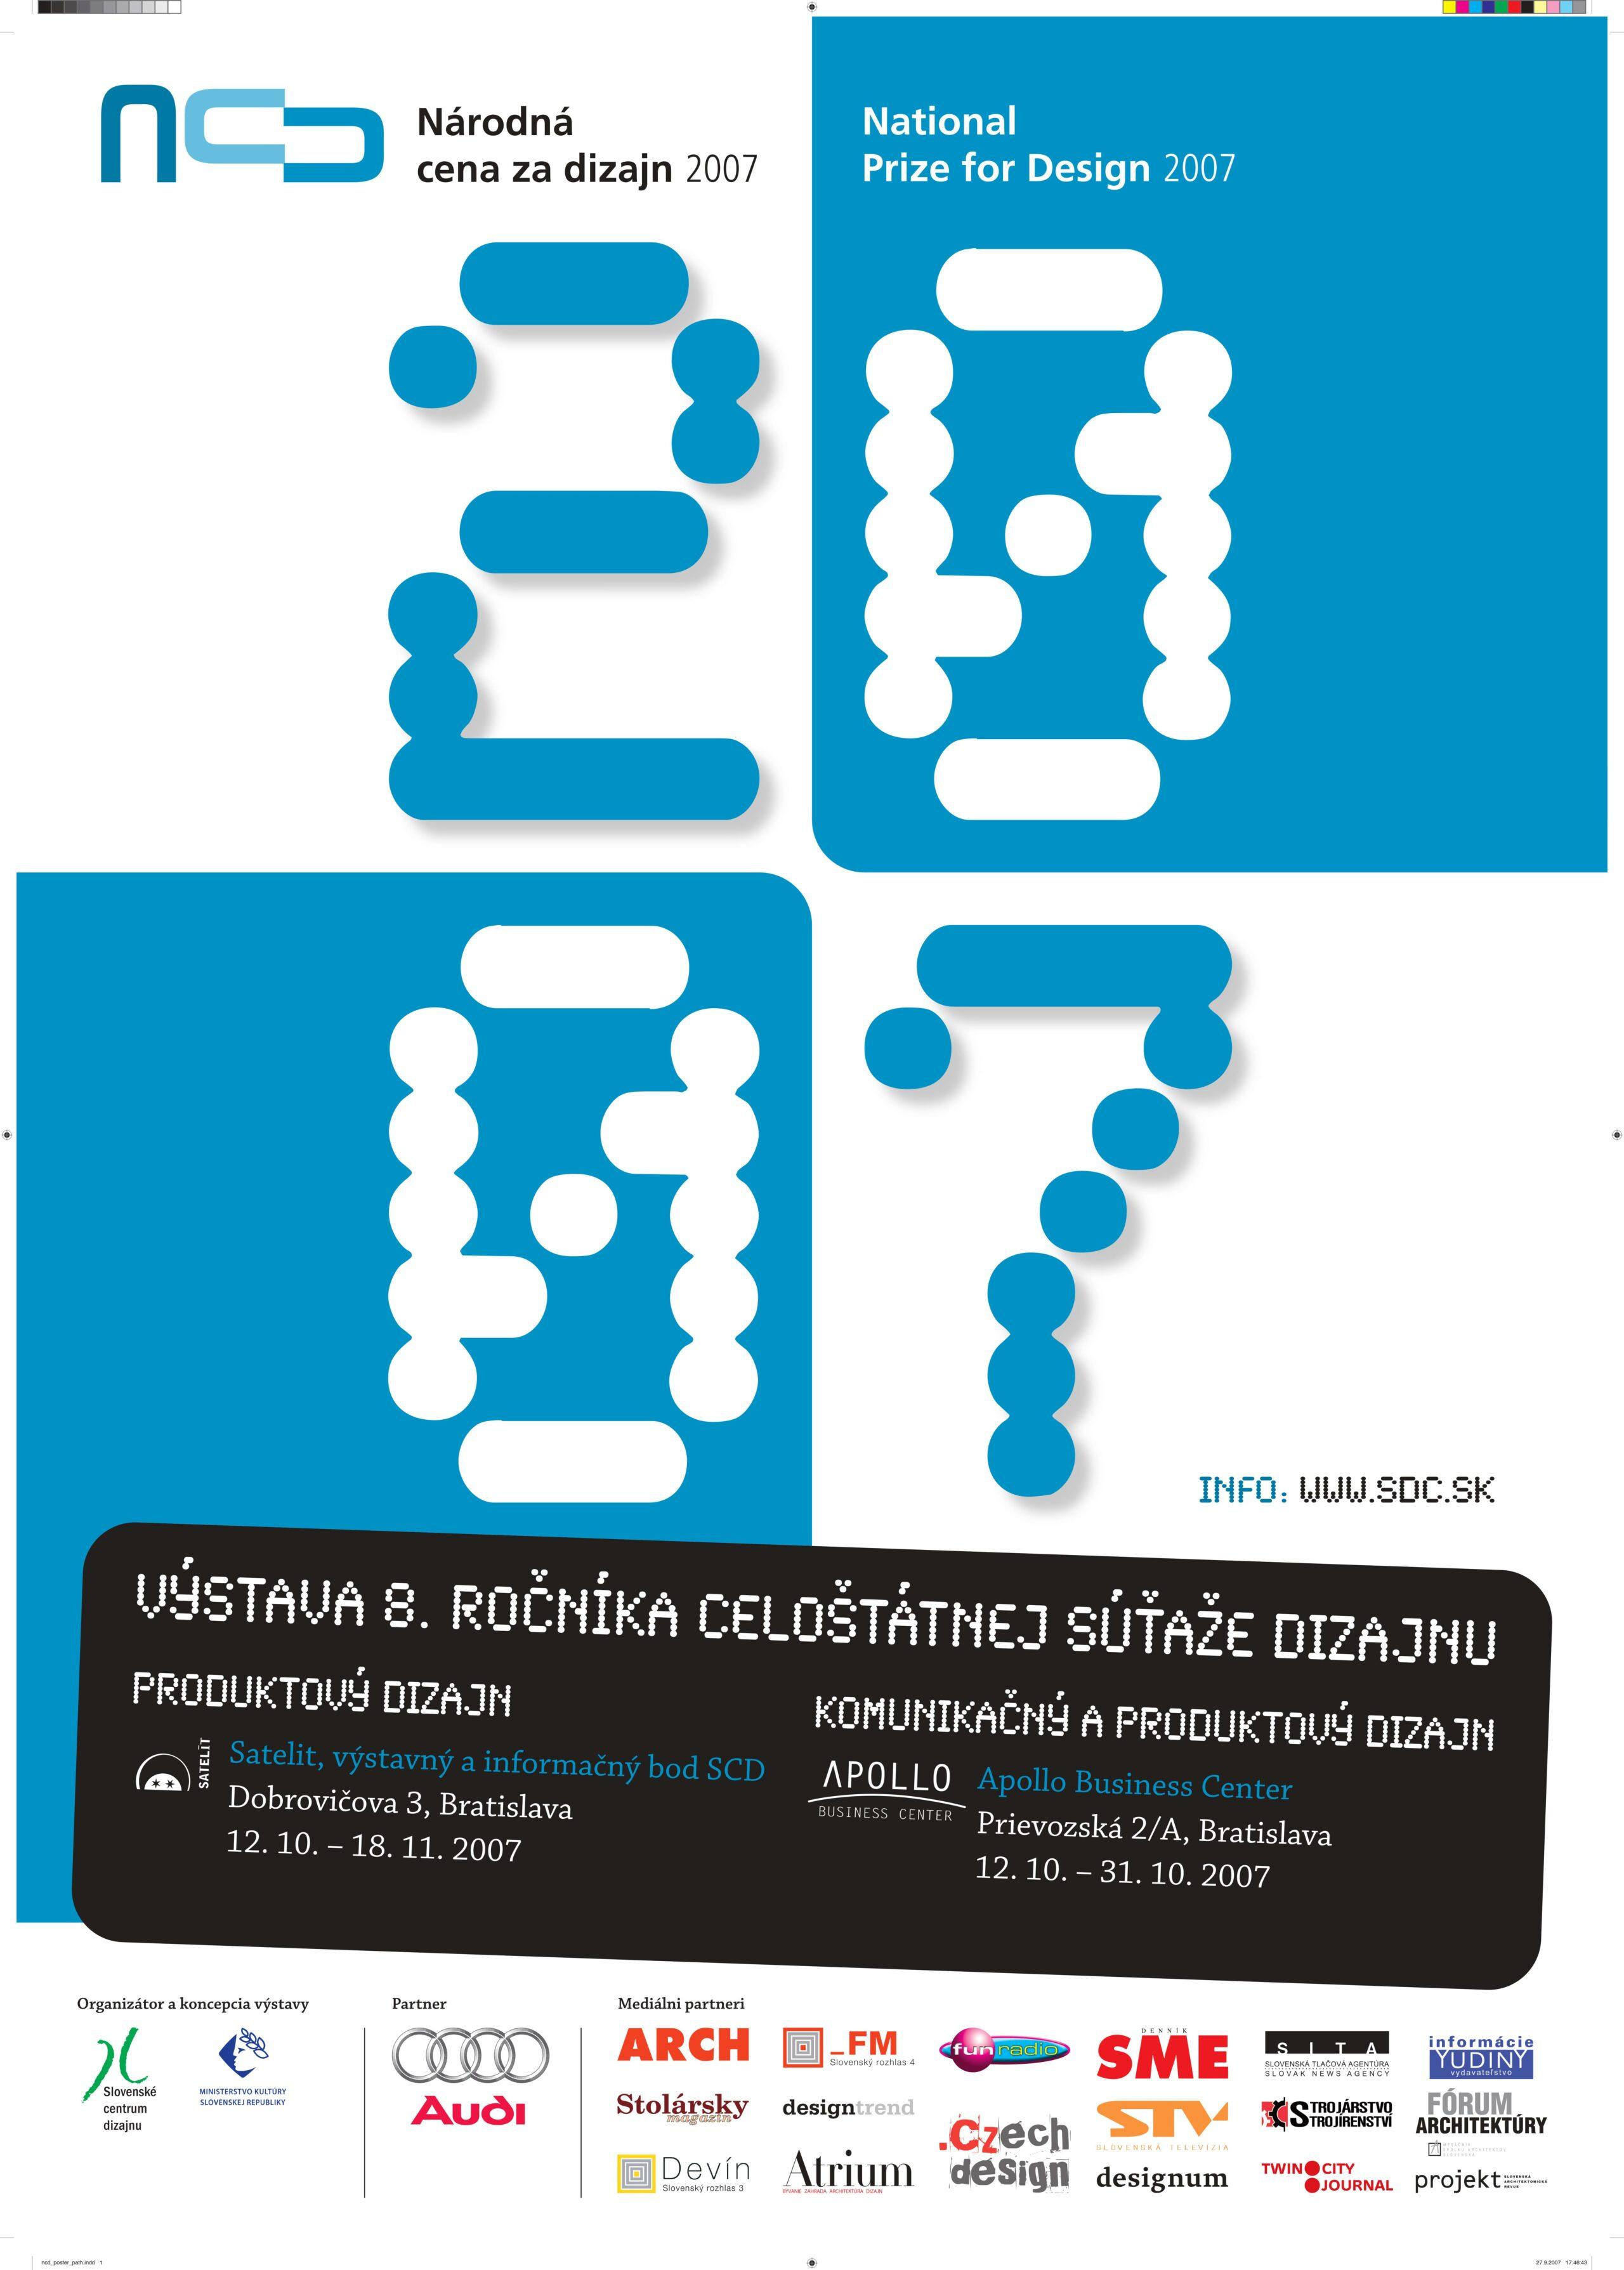 Národná cena za dizajn 2007 - produktový a komunikačný dizajn – výstava